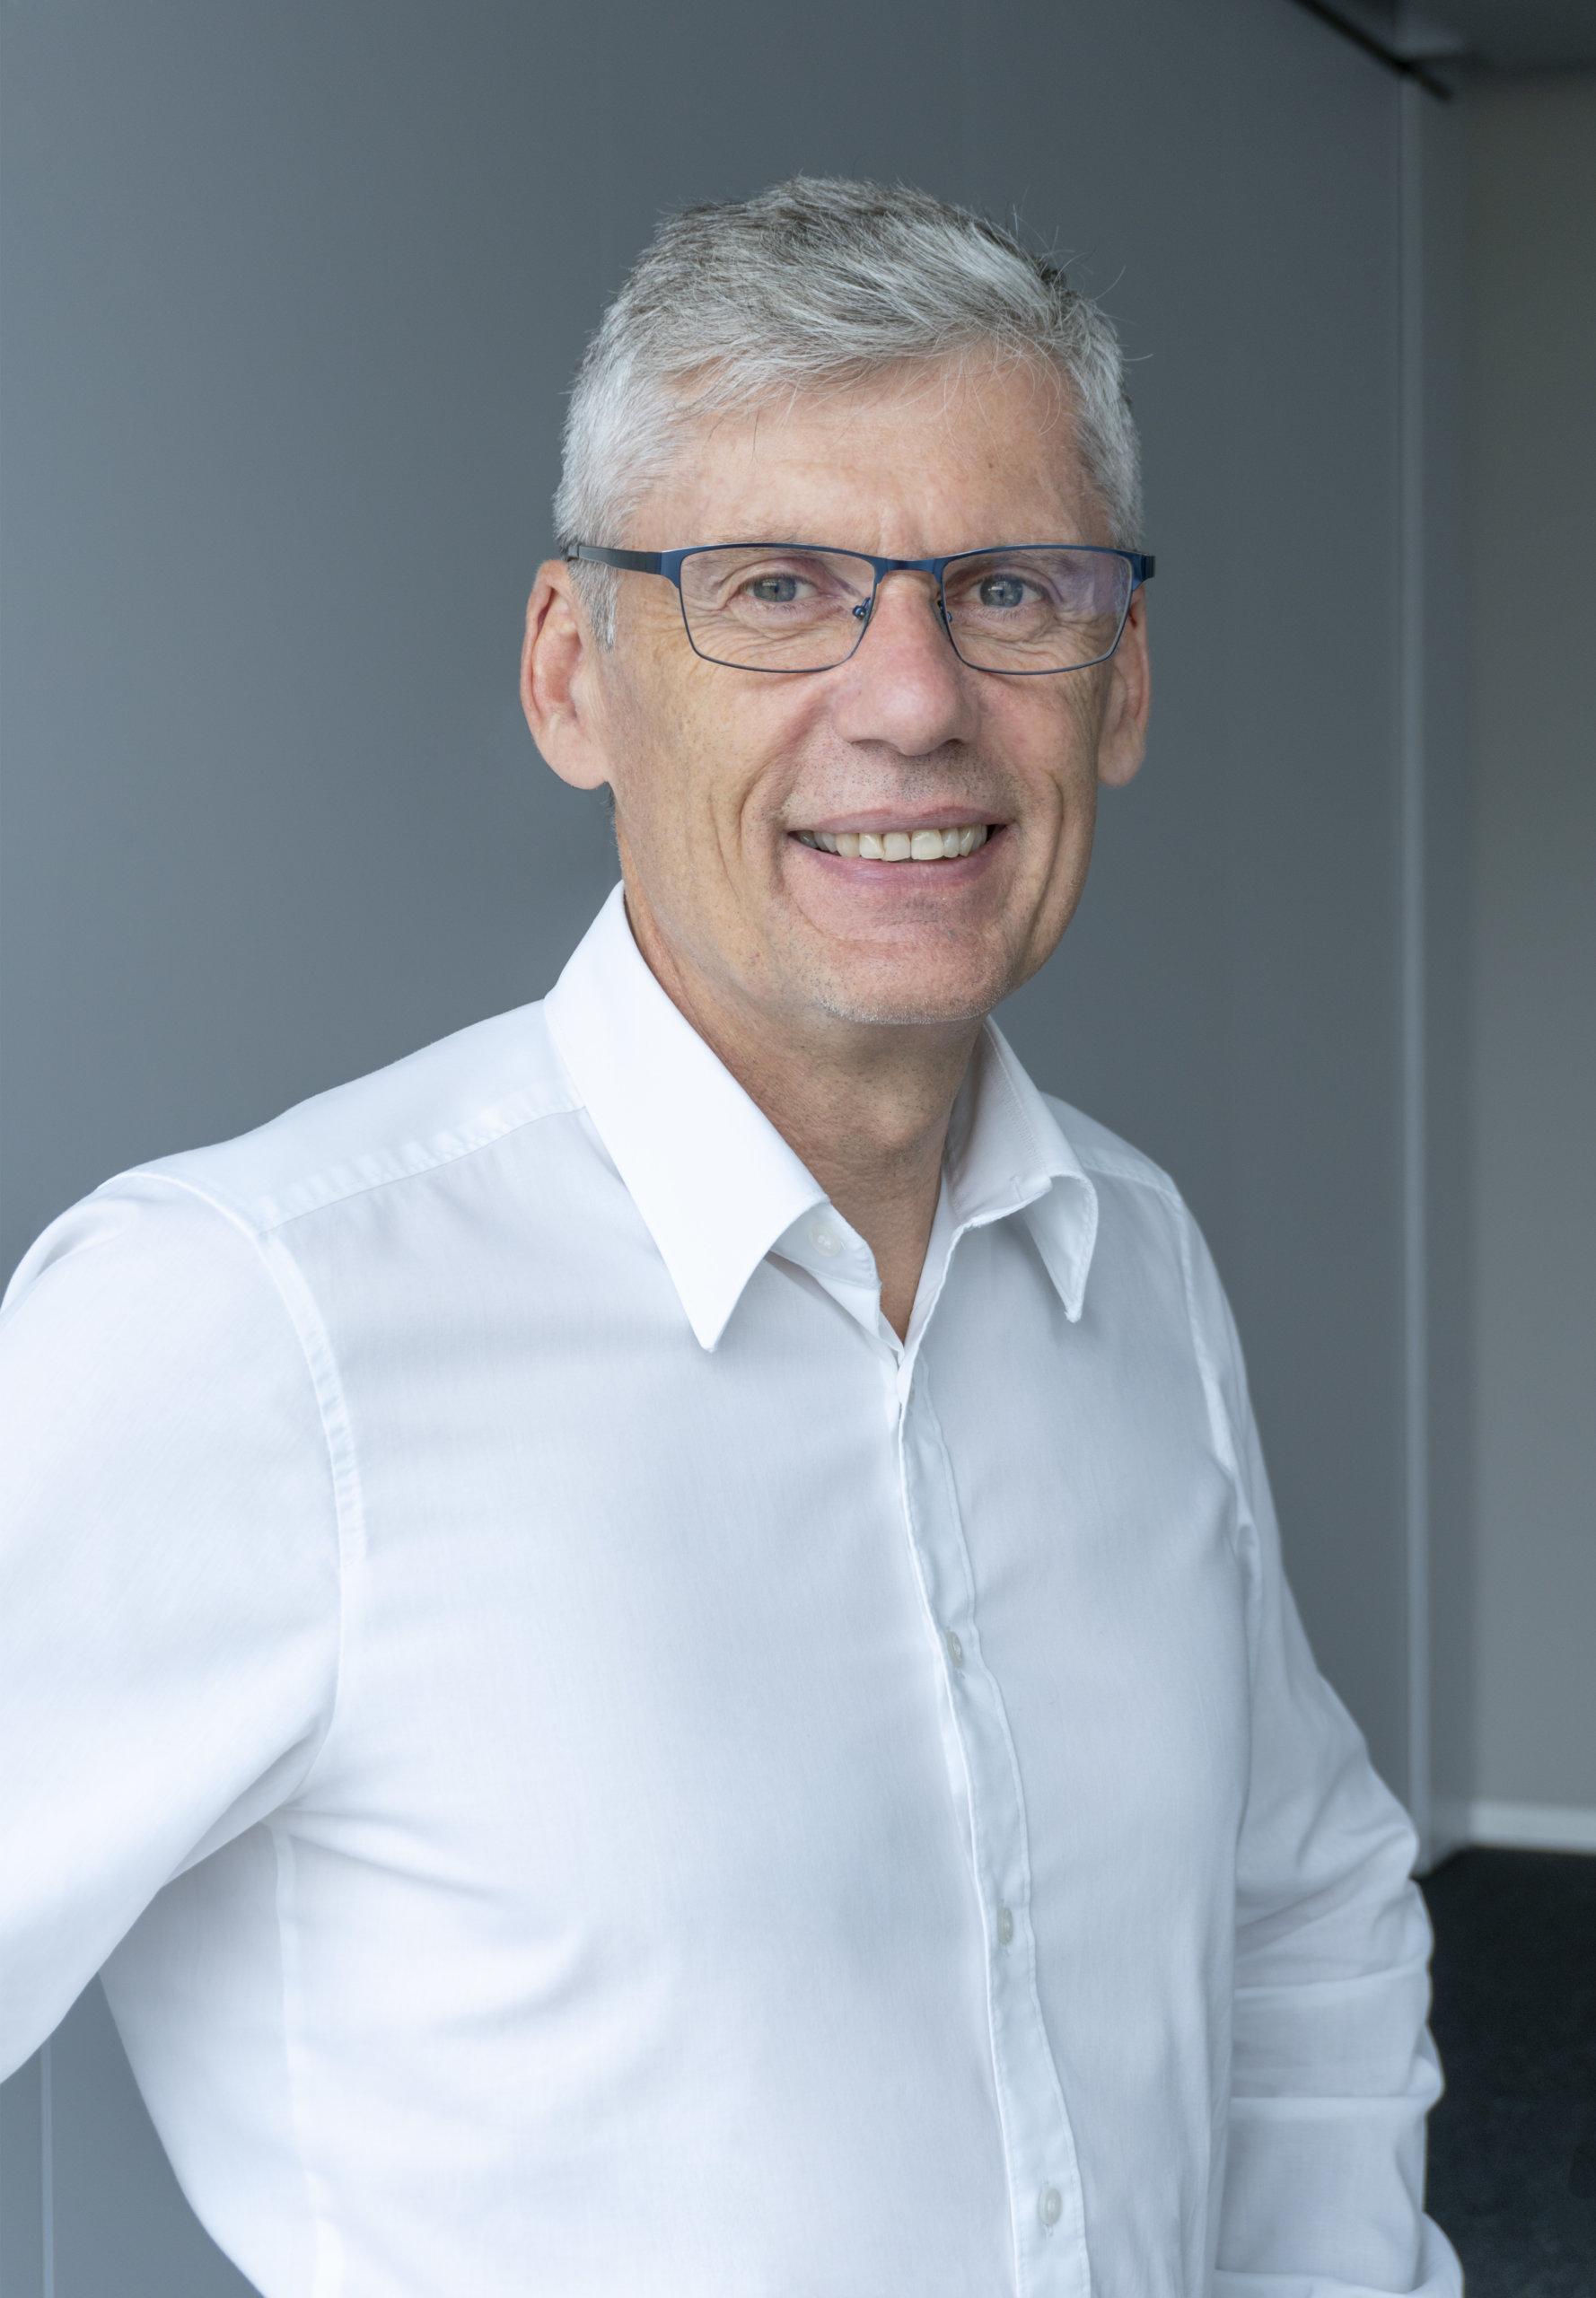 """Alfred Hillinger, Konstruktionsleiter der Hainbuch GmbH: """"Die Felder der digitalen Transformation sind noch längst nicht alle ausgereizt.""""  Foto: Hainbuch"""